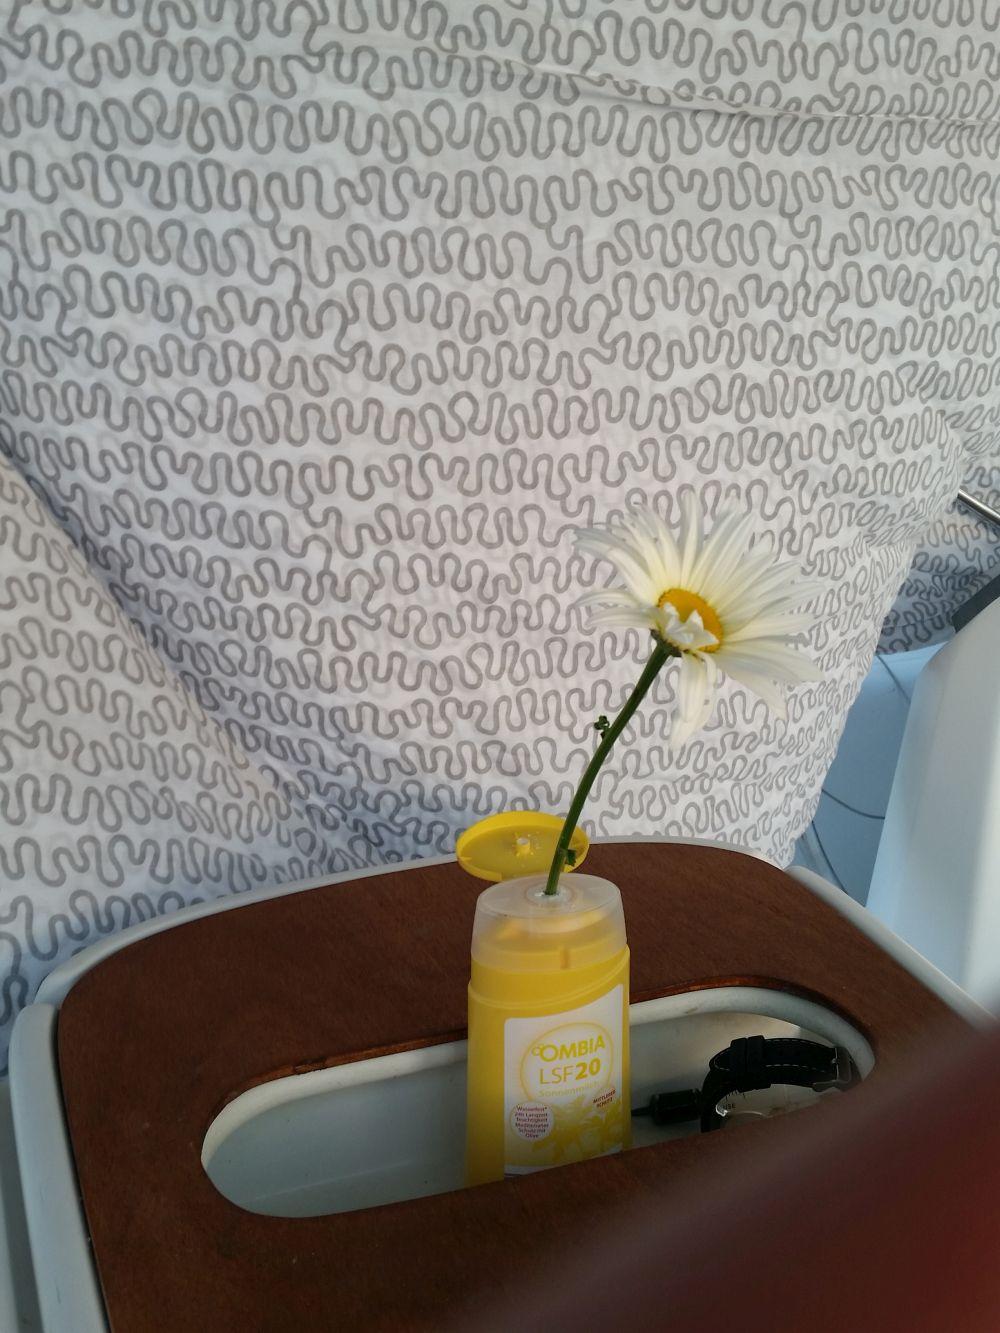 Romantik - eine Margerite in praktischer Sonnenmilch-Blumenvase